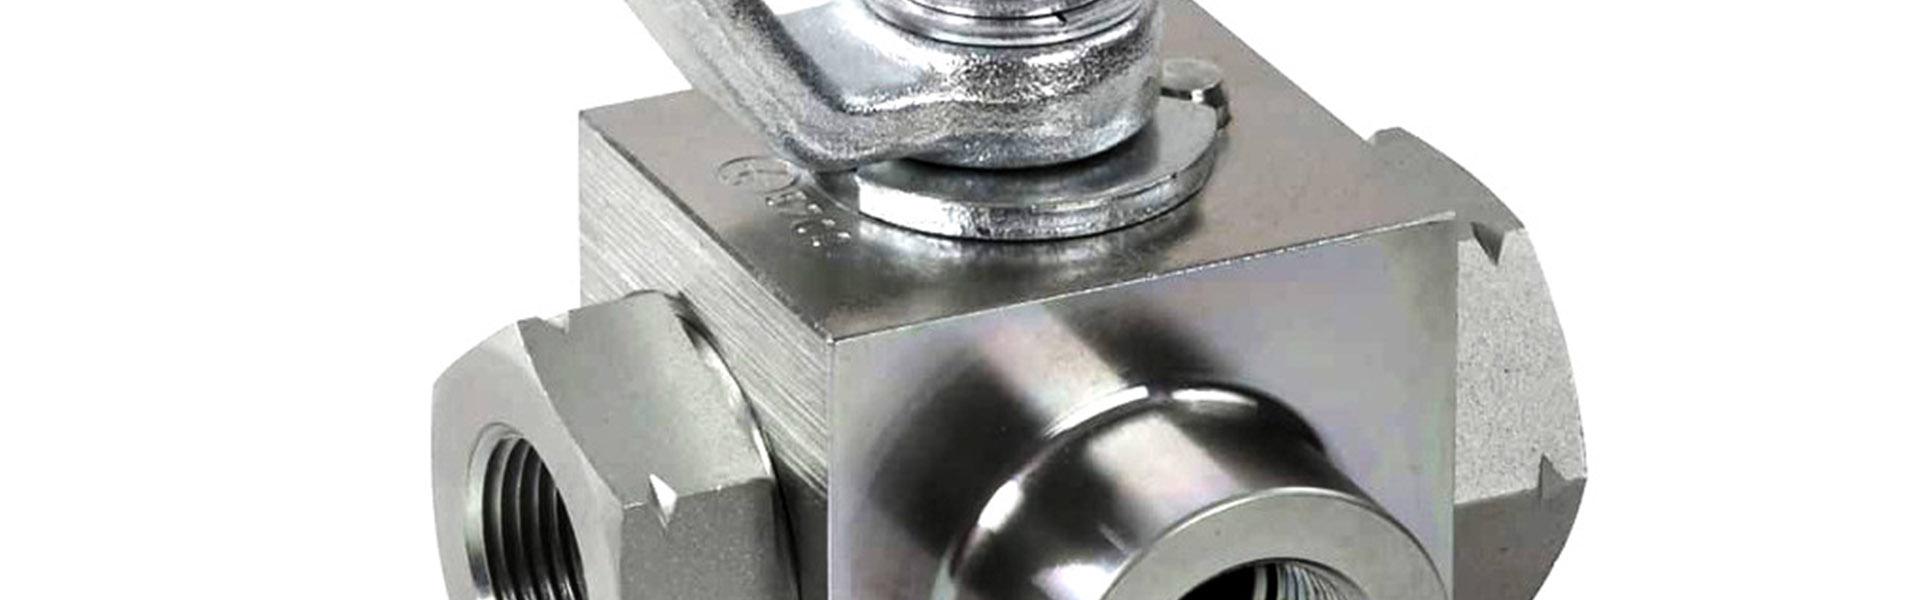 Hexafluid componenti oleodinamici valvole